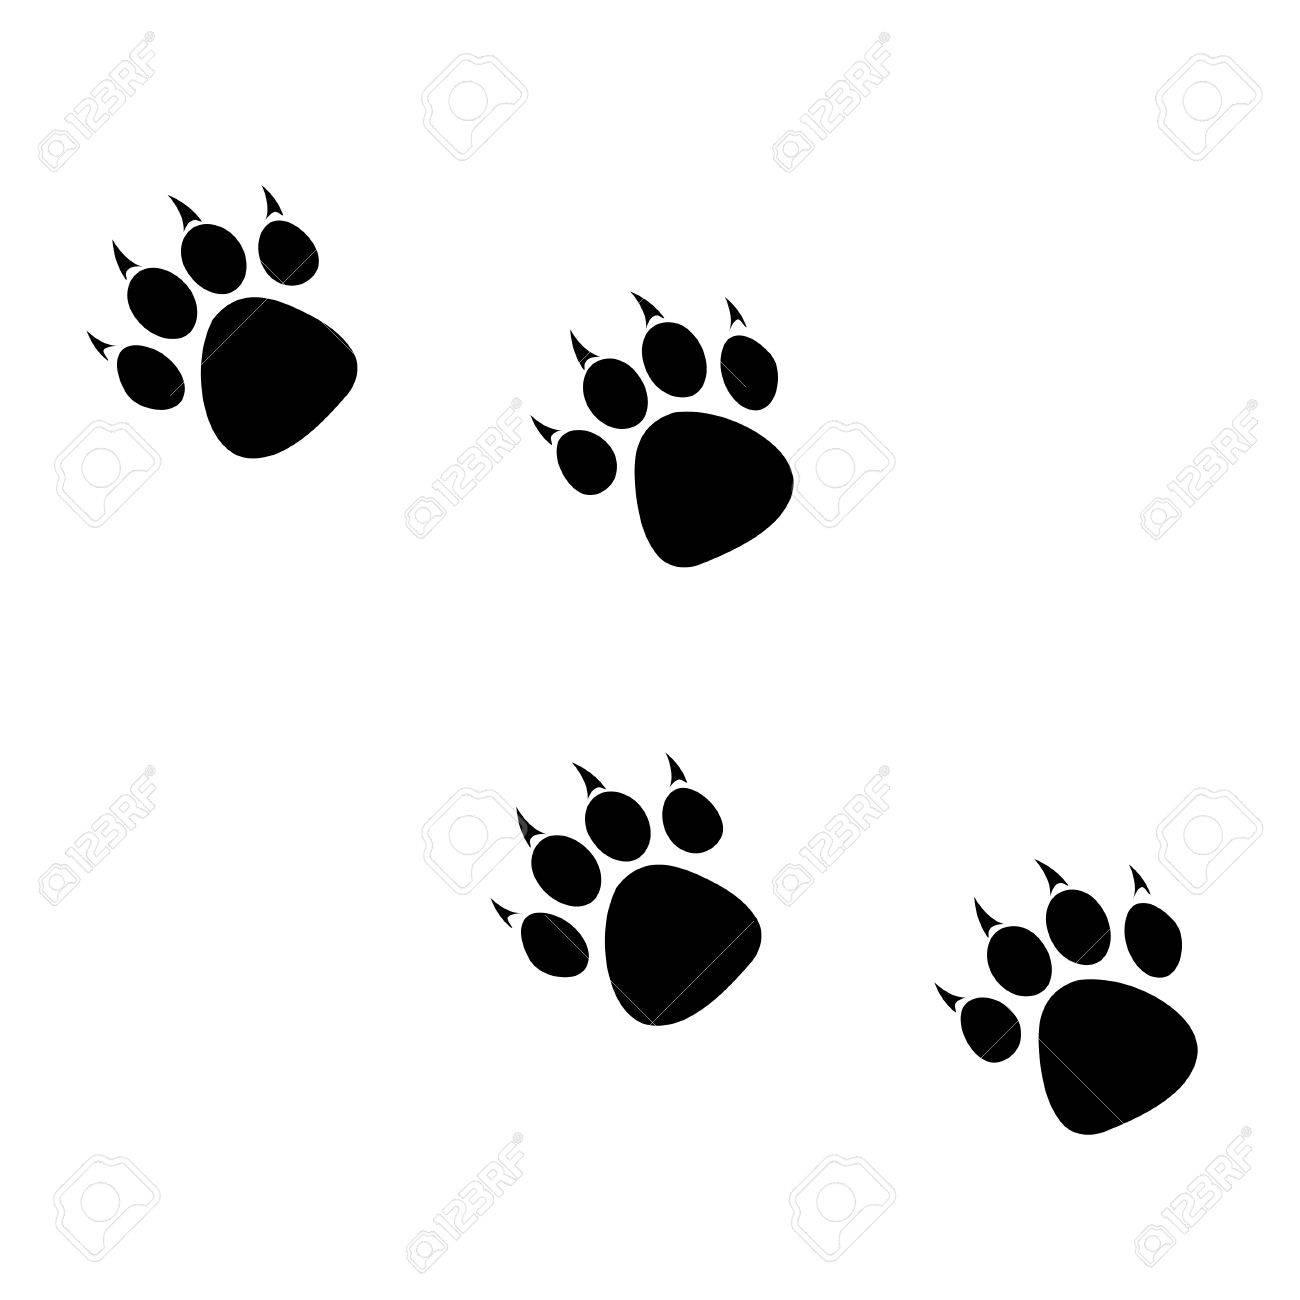 Footprints clipart tiger.